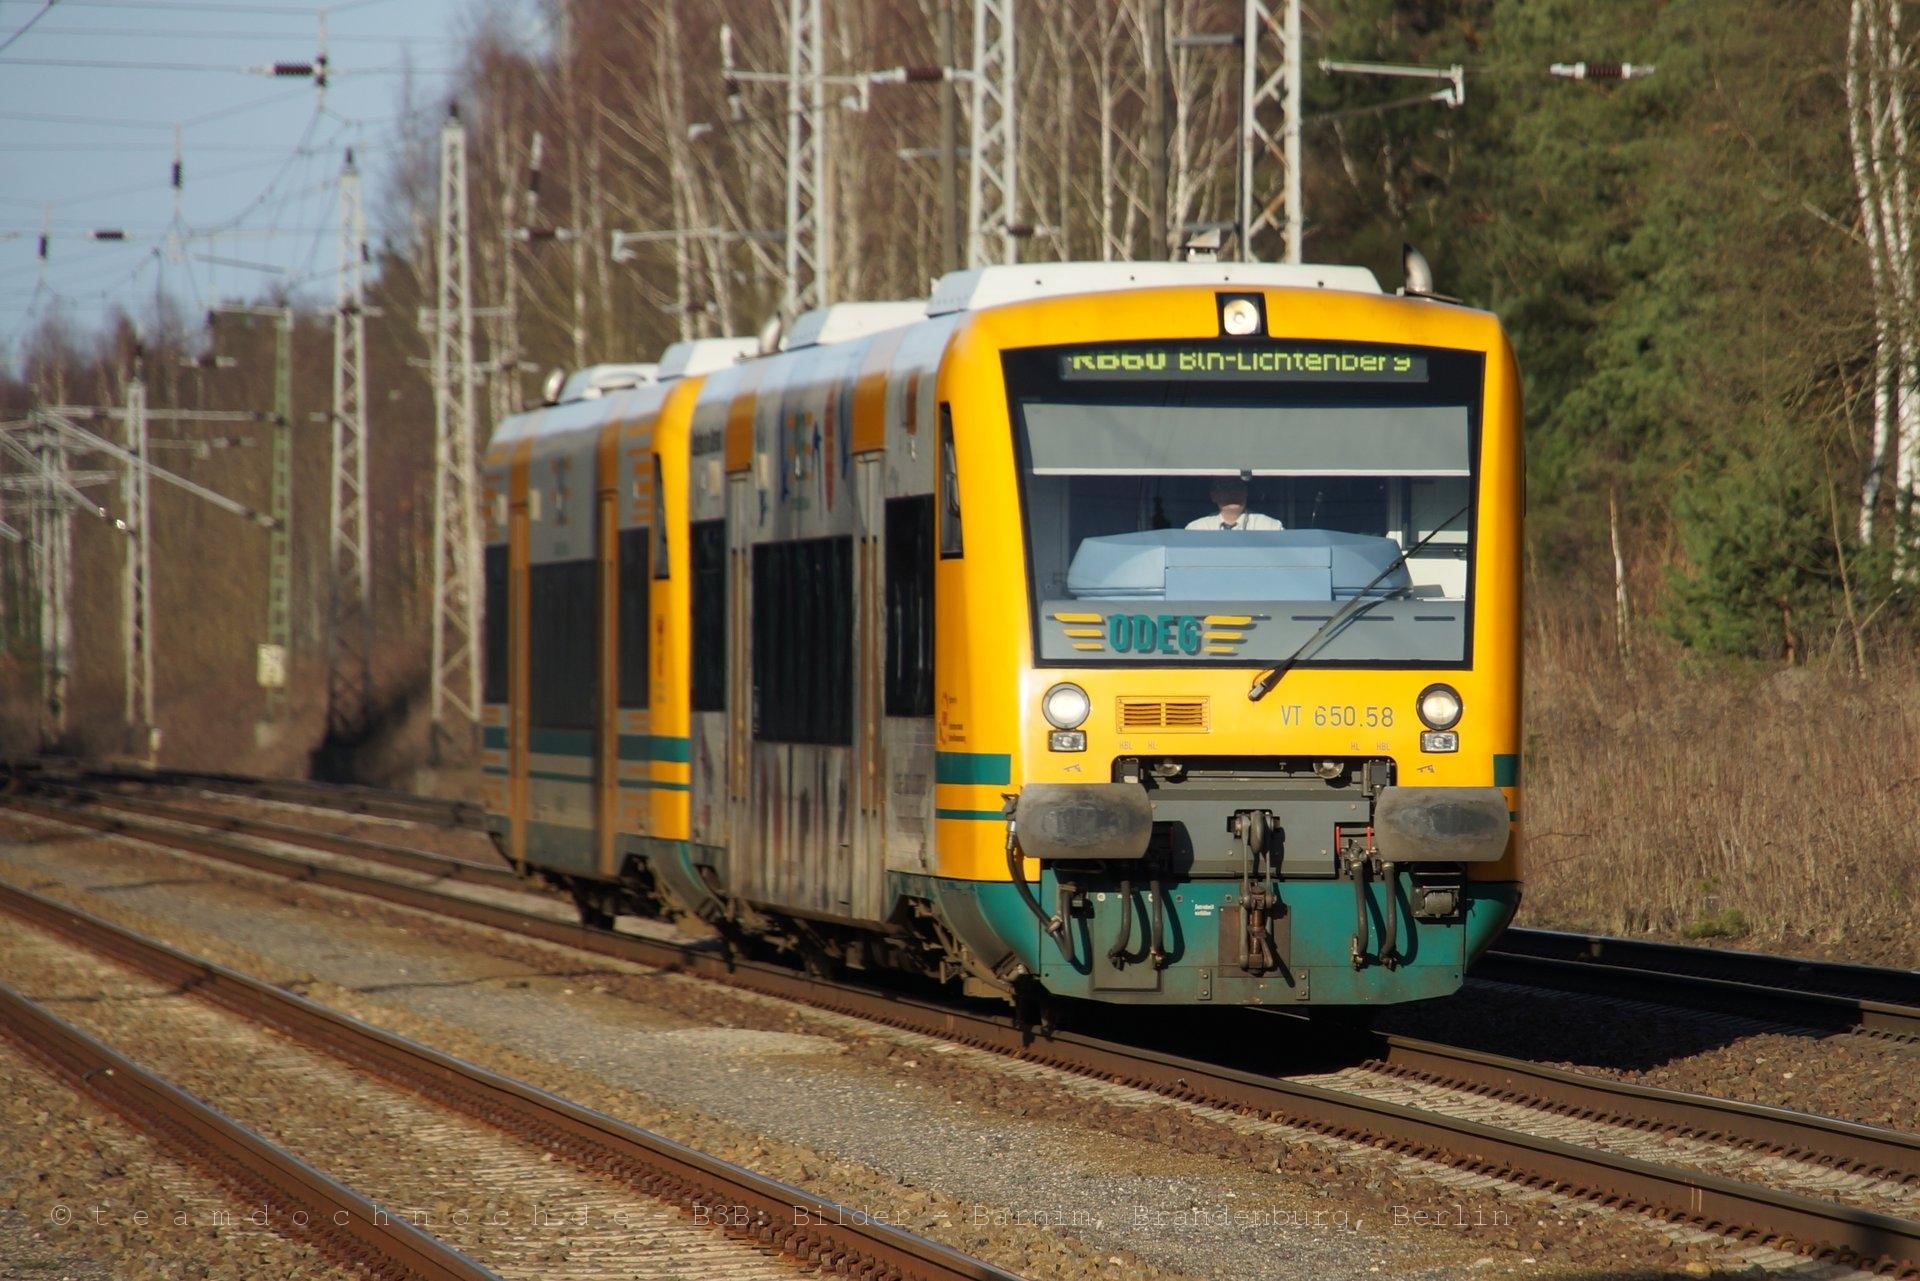 ODEG VT650.58 und VT650.63 als Doppeltraktion im Bahnhof Biesenthal